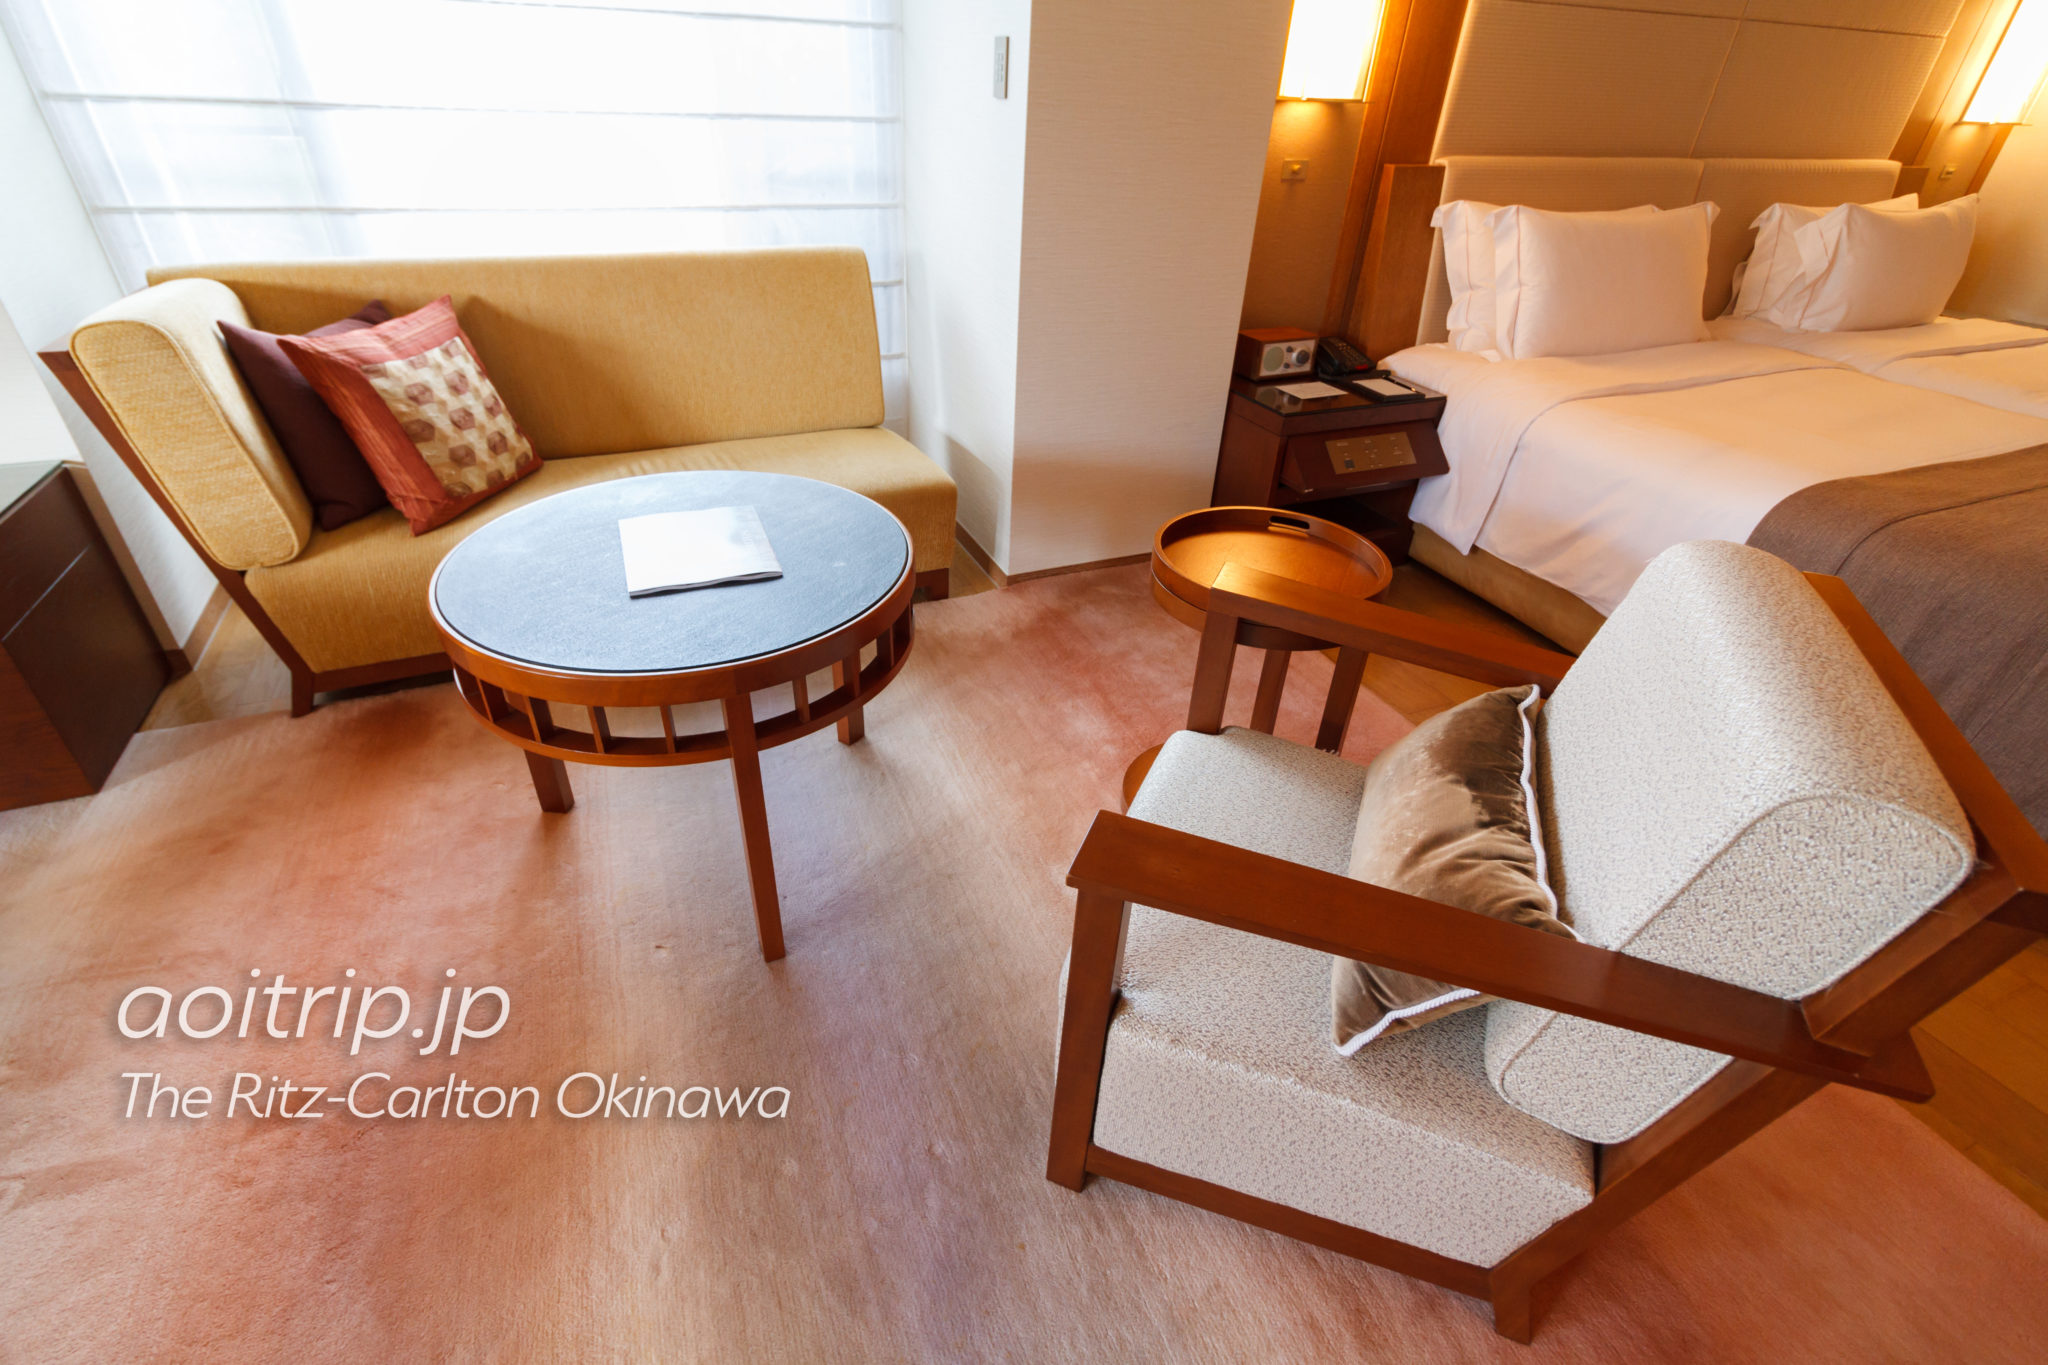 ザリッツカールトン沖縄の客室